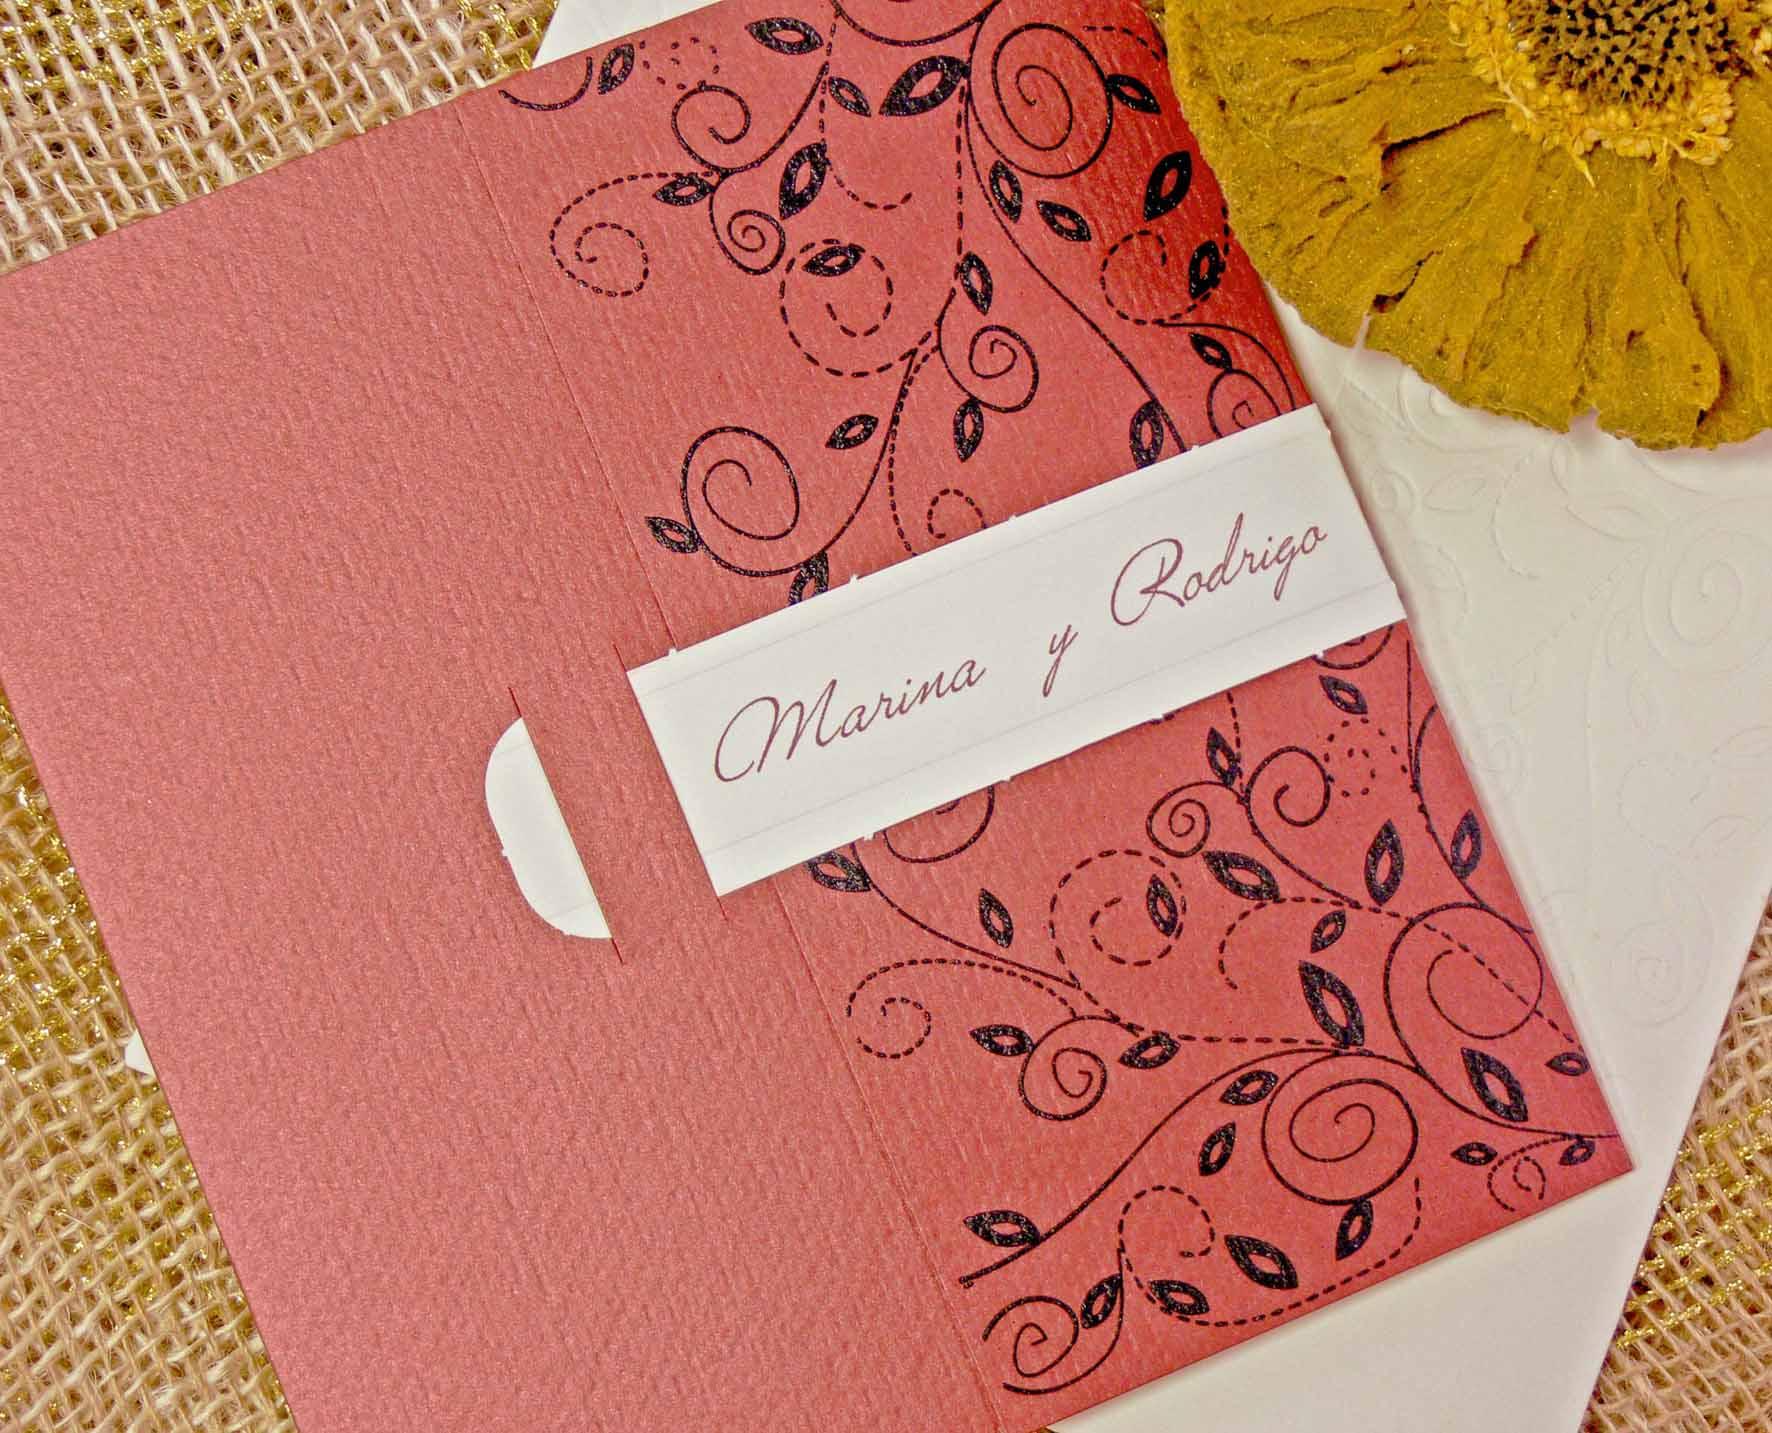 Днем рождения, образцы вкладышей на открытки